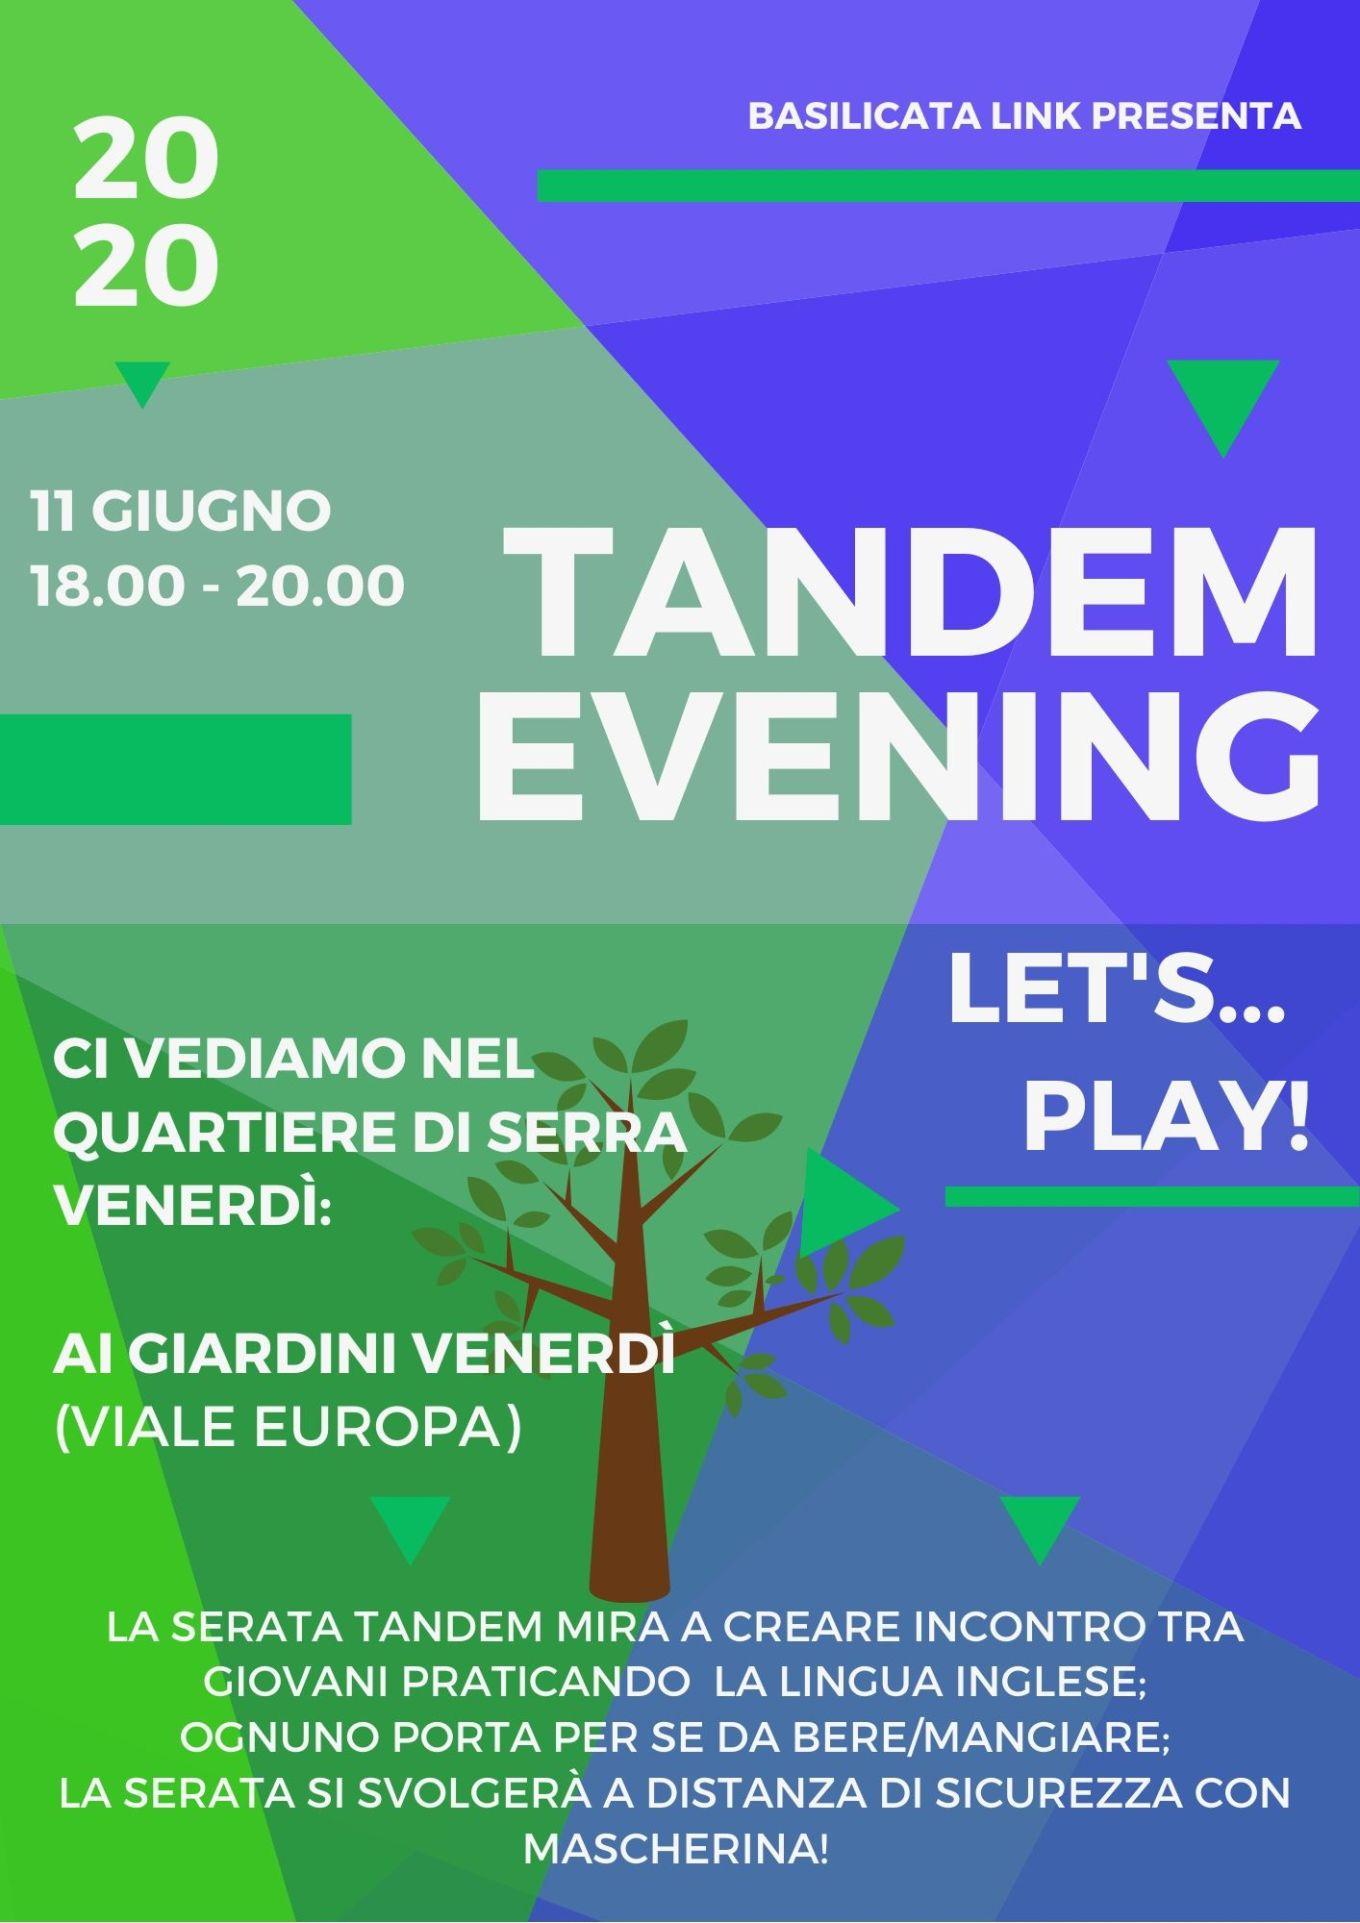 Tandem Evening-11giugno